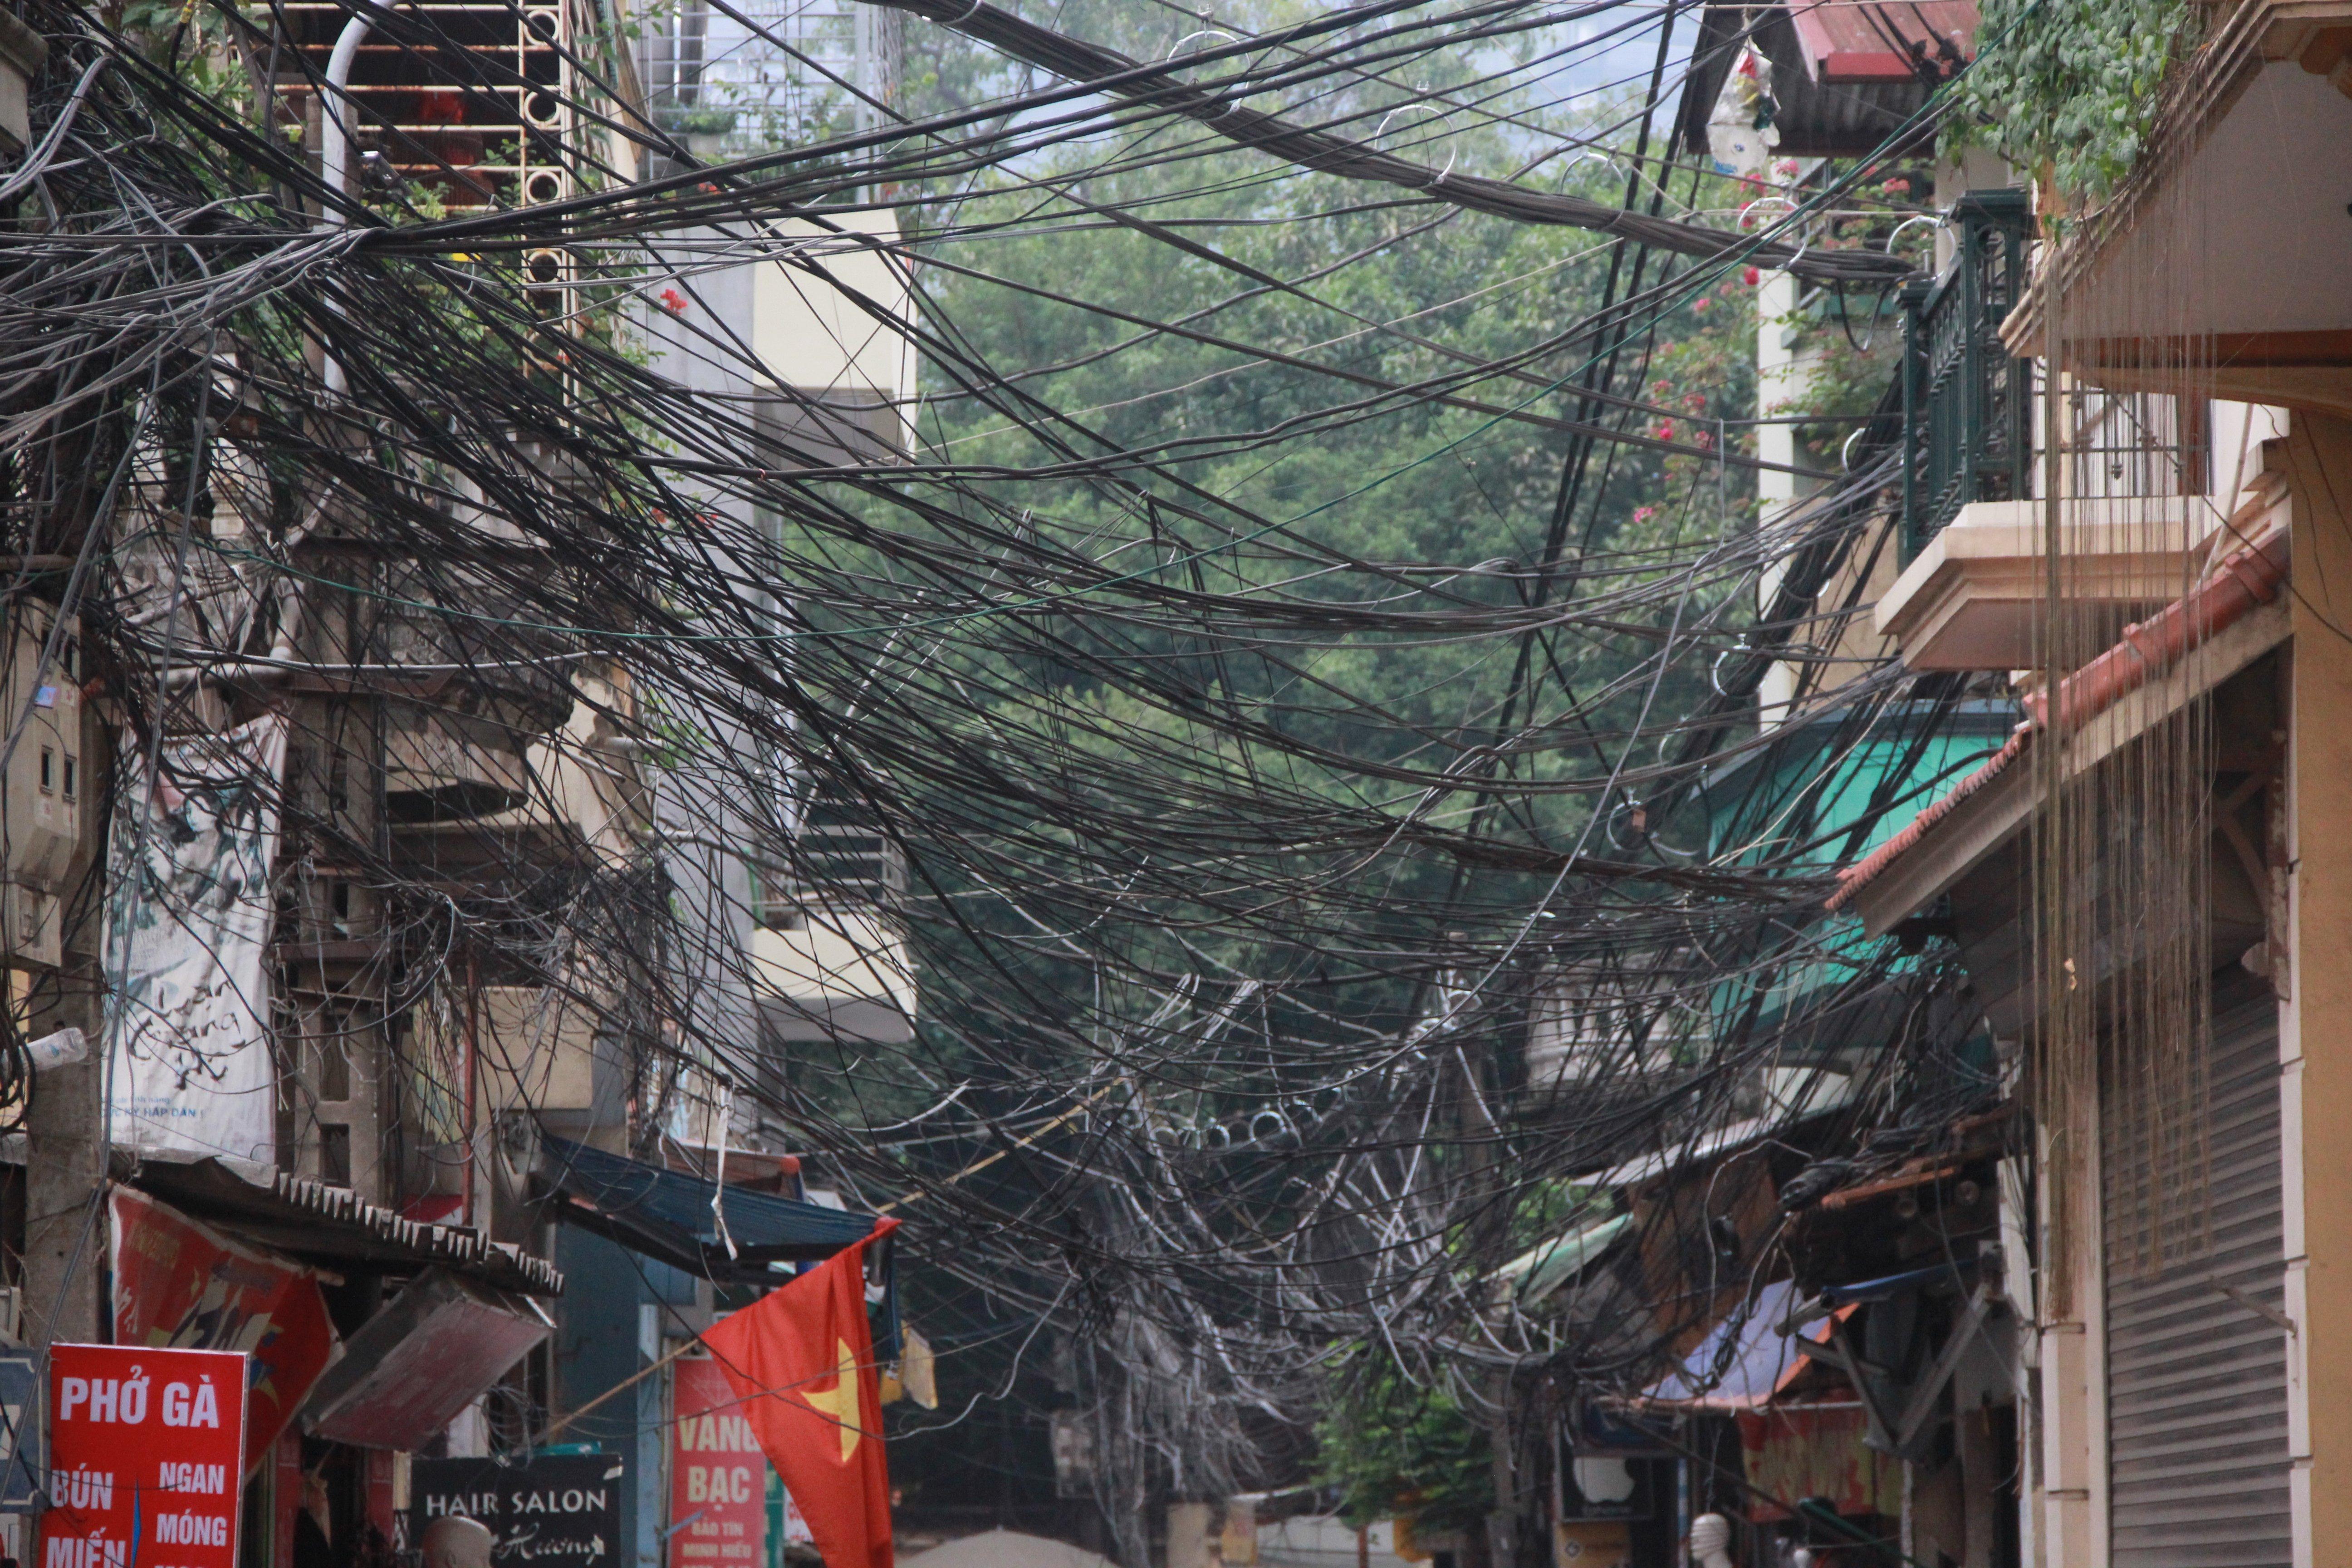 Cận cảnh 'ổ màng nhện' khổng lồ ở Hà Nội 10